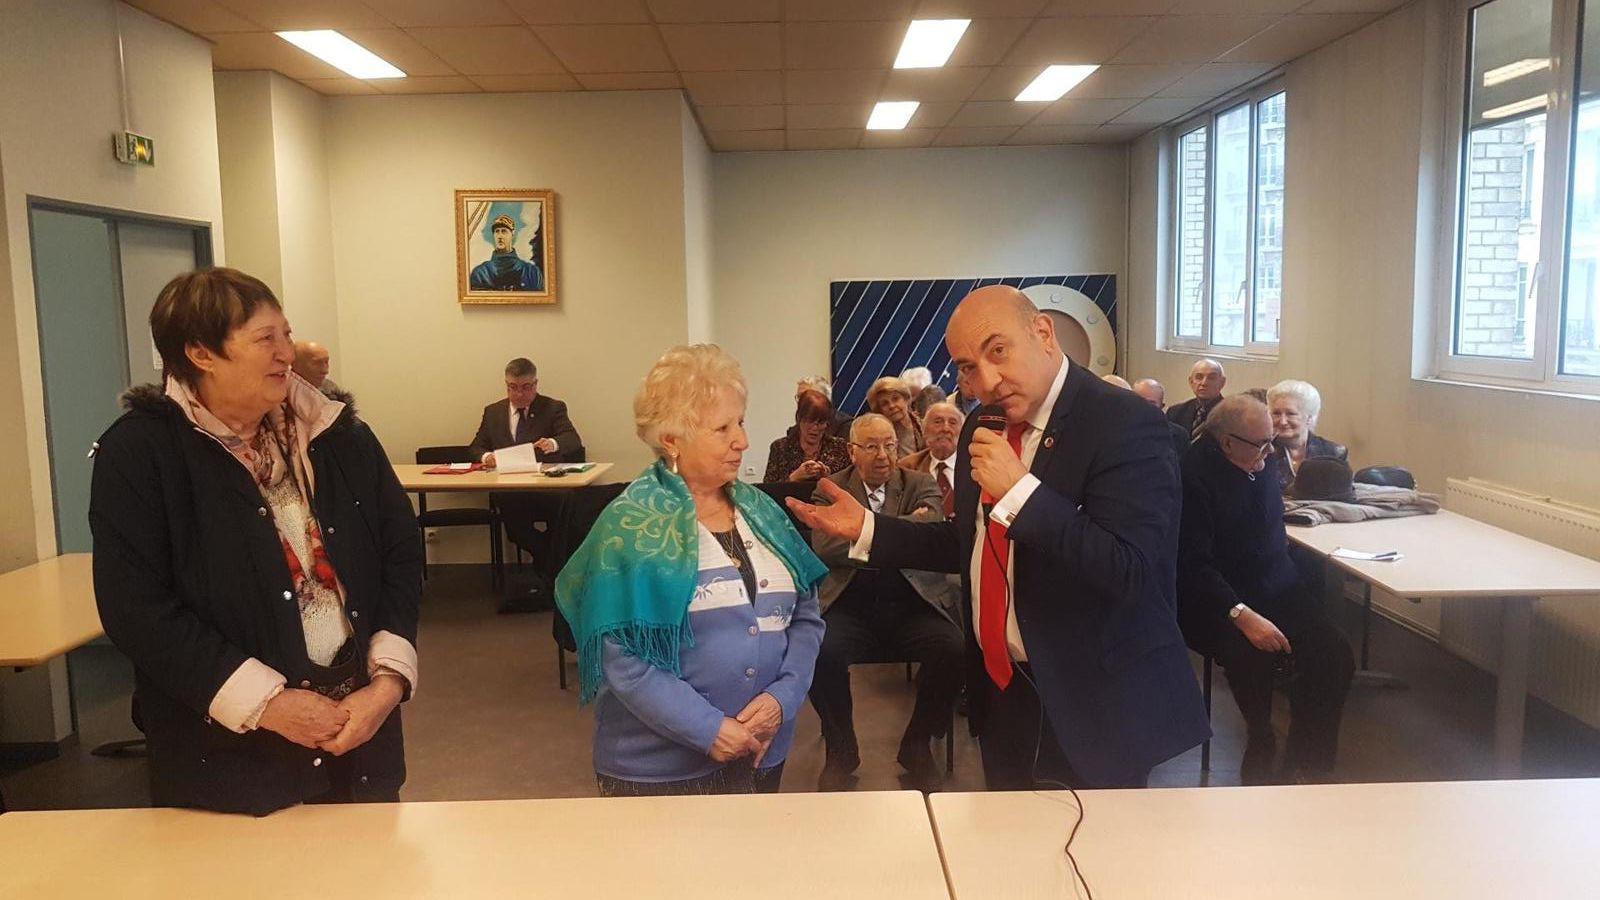 Claude Guy, Délégué général du Souvenir Français pour les Hauts-de-Seine, récompense Nicole Borde et Alsira Cacheda pour leur dévouement à l'occasion de la quête annuelle de notre association.